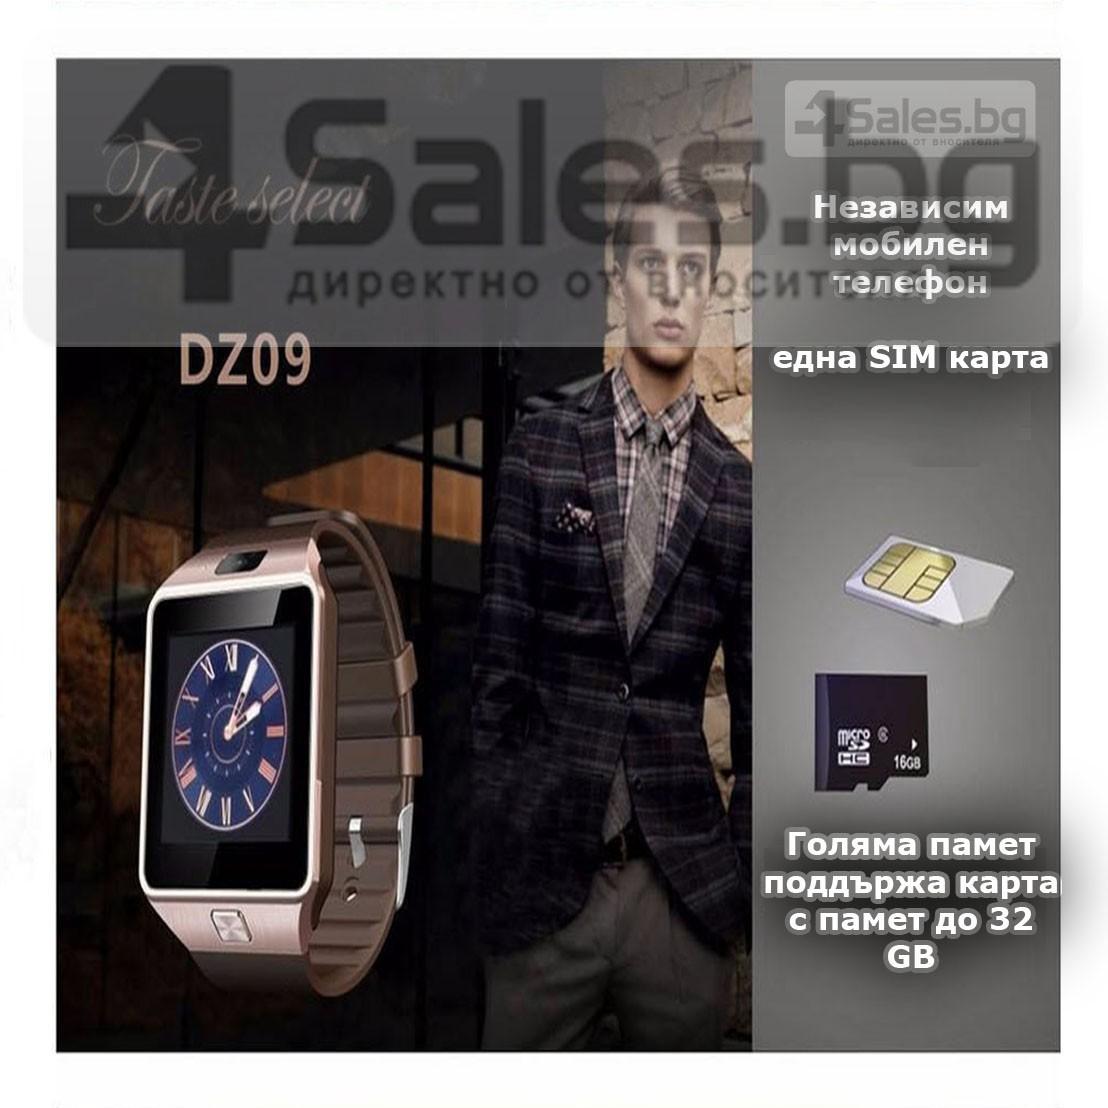 Смарт Часовник телефон с камера и сим карта Оригинален продукт dz09 на Български 49